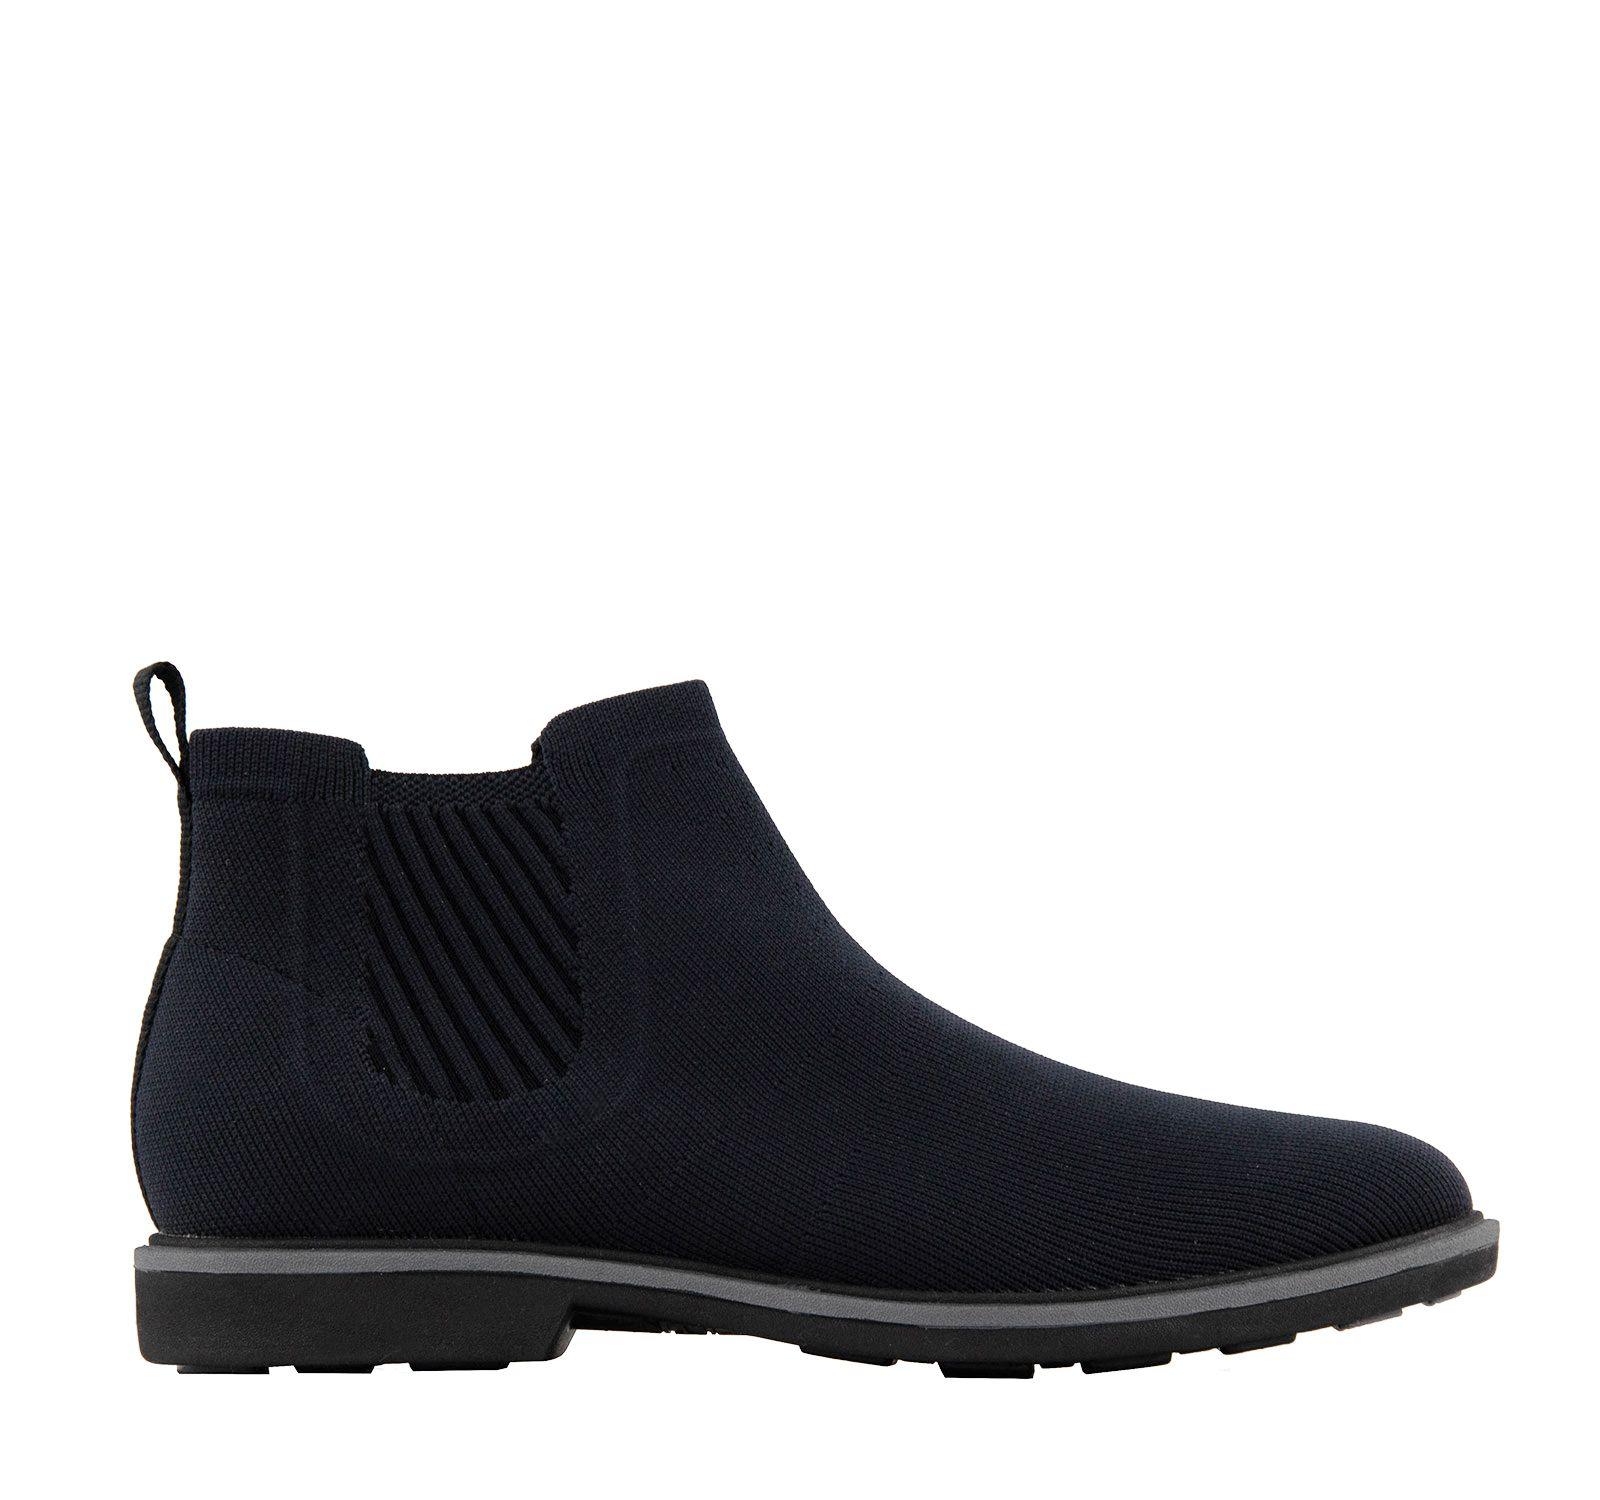 Mark Nason Tamar Men's Boot in Black